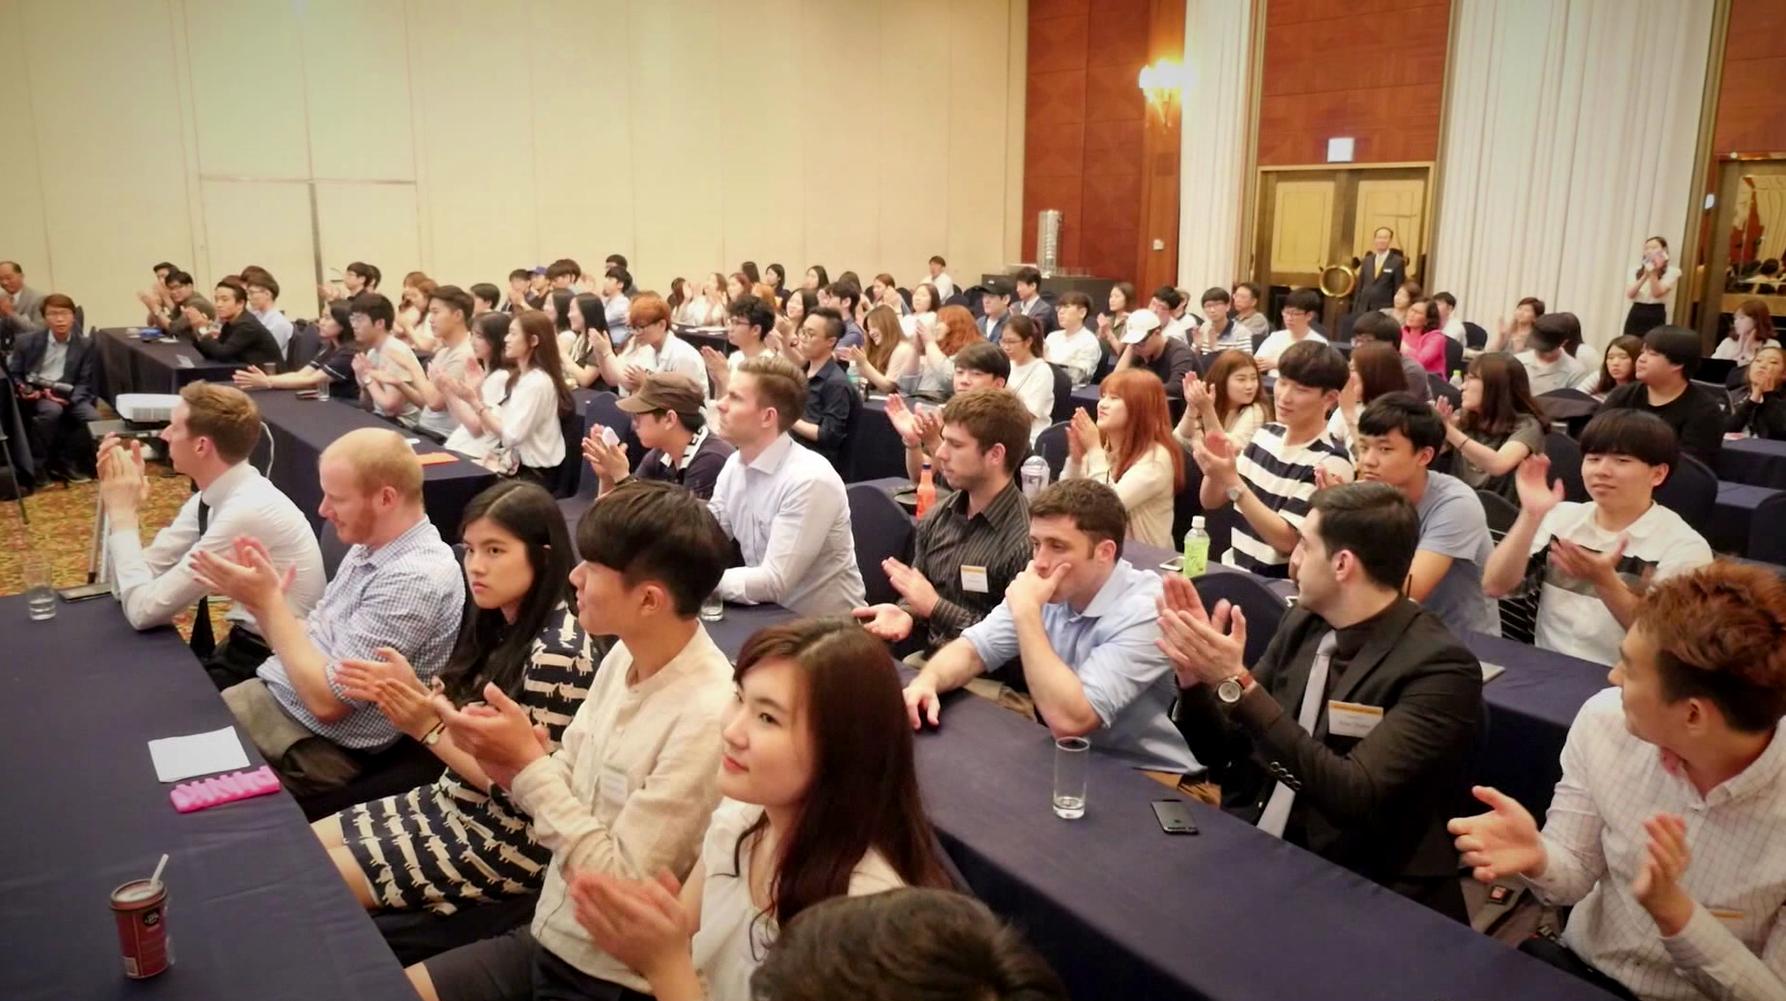 2016학년도 선후배의 만남(간담회)